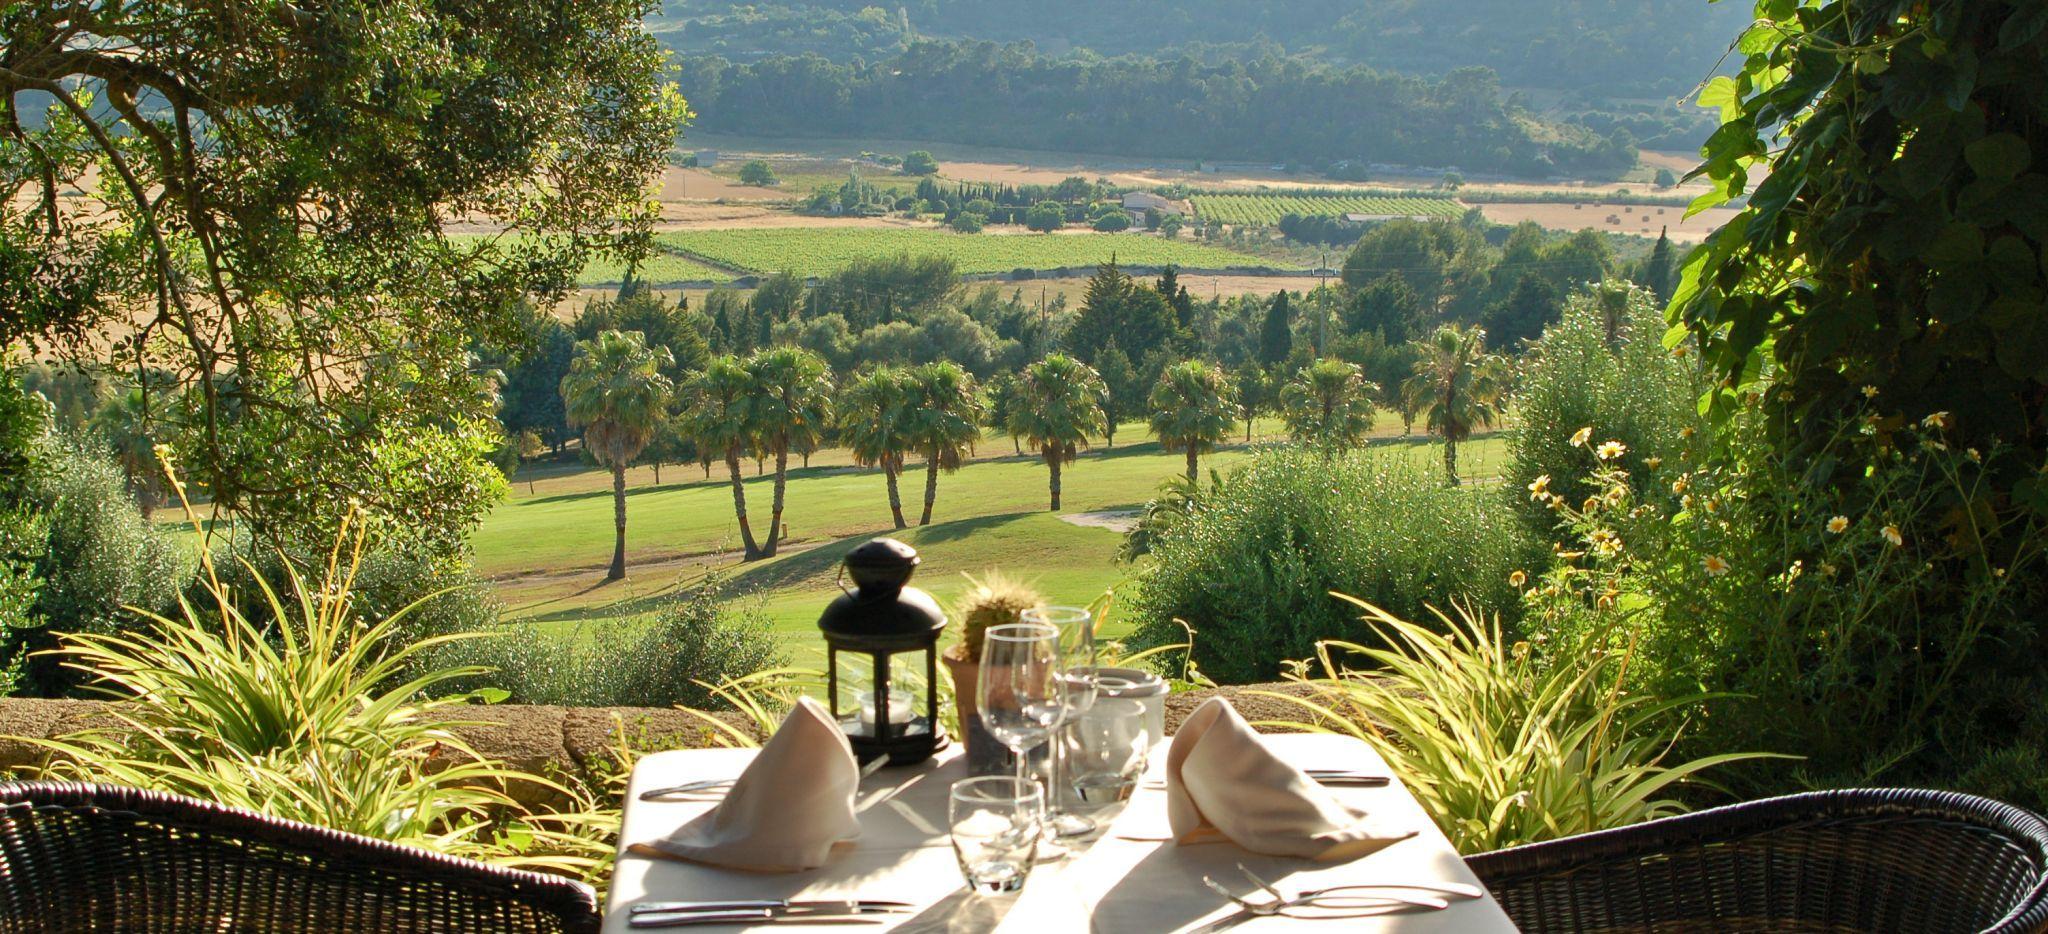 Ein Esstisch mit Blick auf eine mallorquinisches Tal